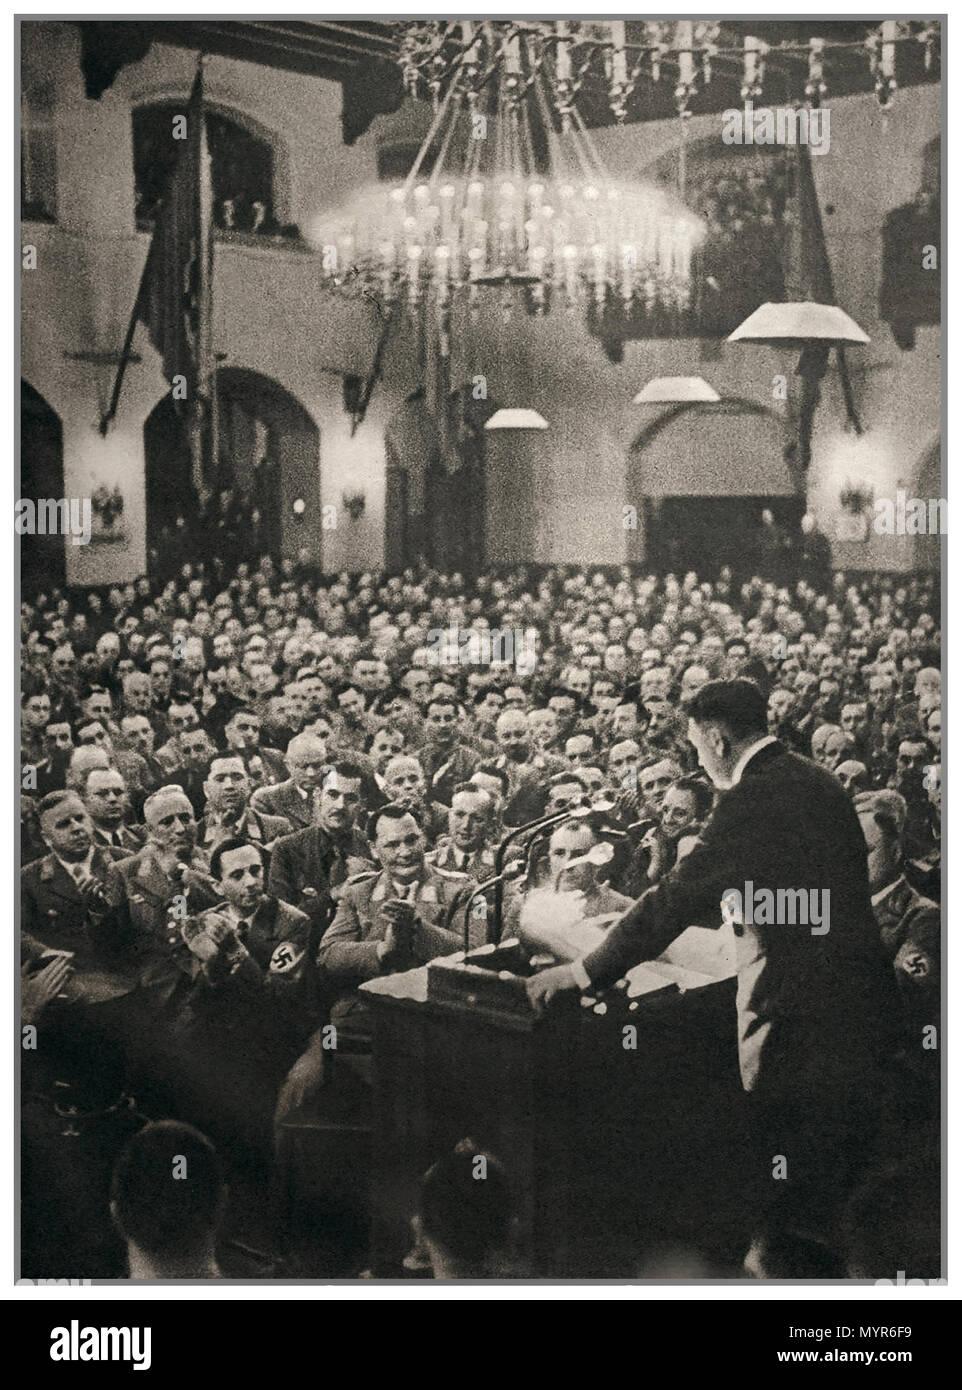 Vintage B&W imagen reportaje Adolf Hitler dando un discurso en Munich, con Goebbels llevaba una esvástica brazalete y Goering, en la primera fila, noviembre de 1930 Imagen De Stock